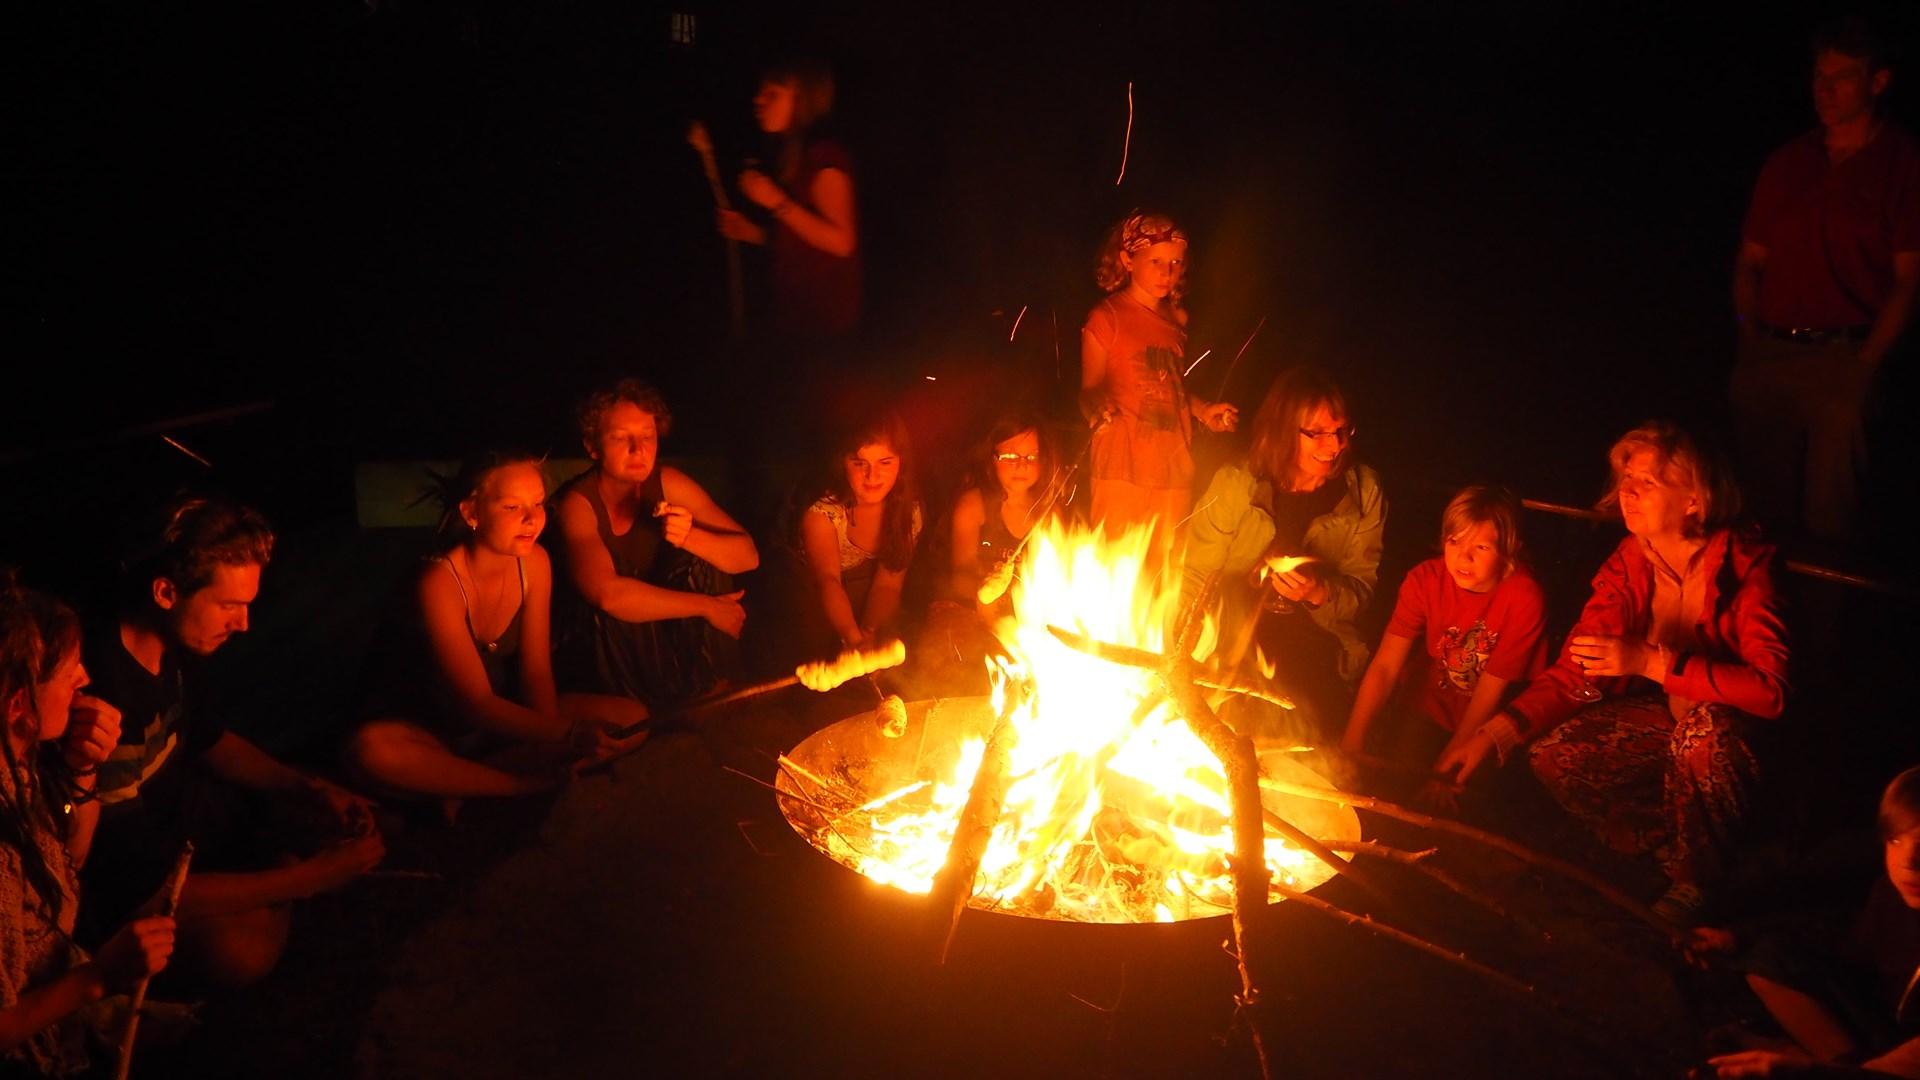 Ferienspaß: Kooperative Abenteuerspiele & Lagerfeuer